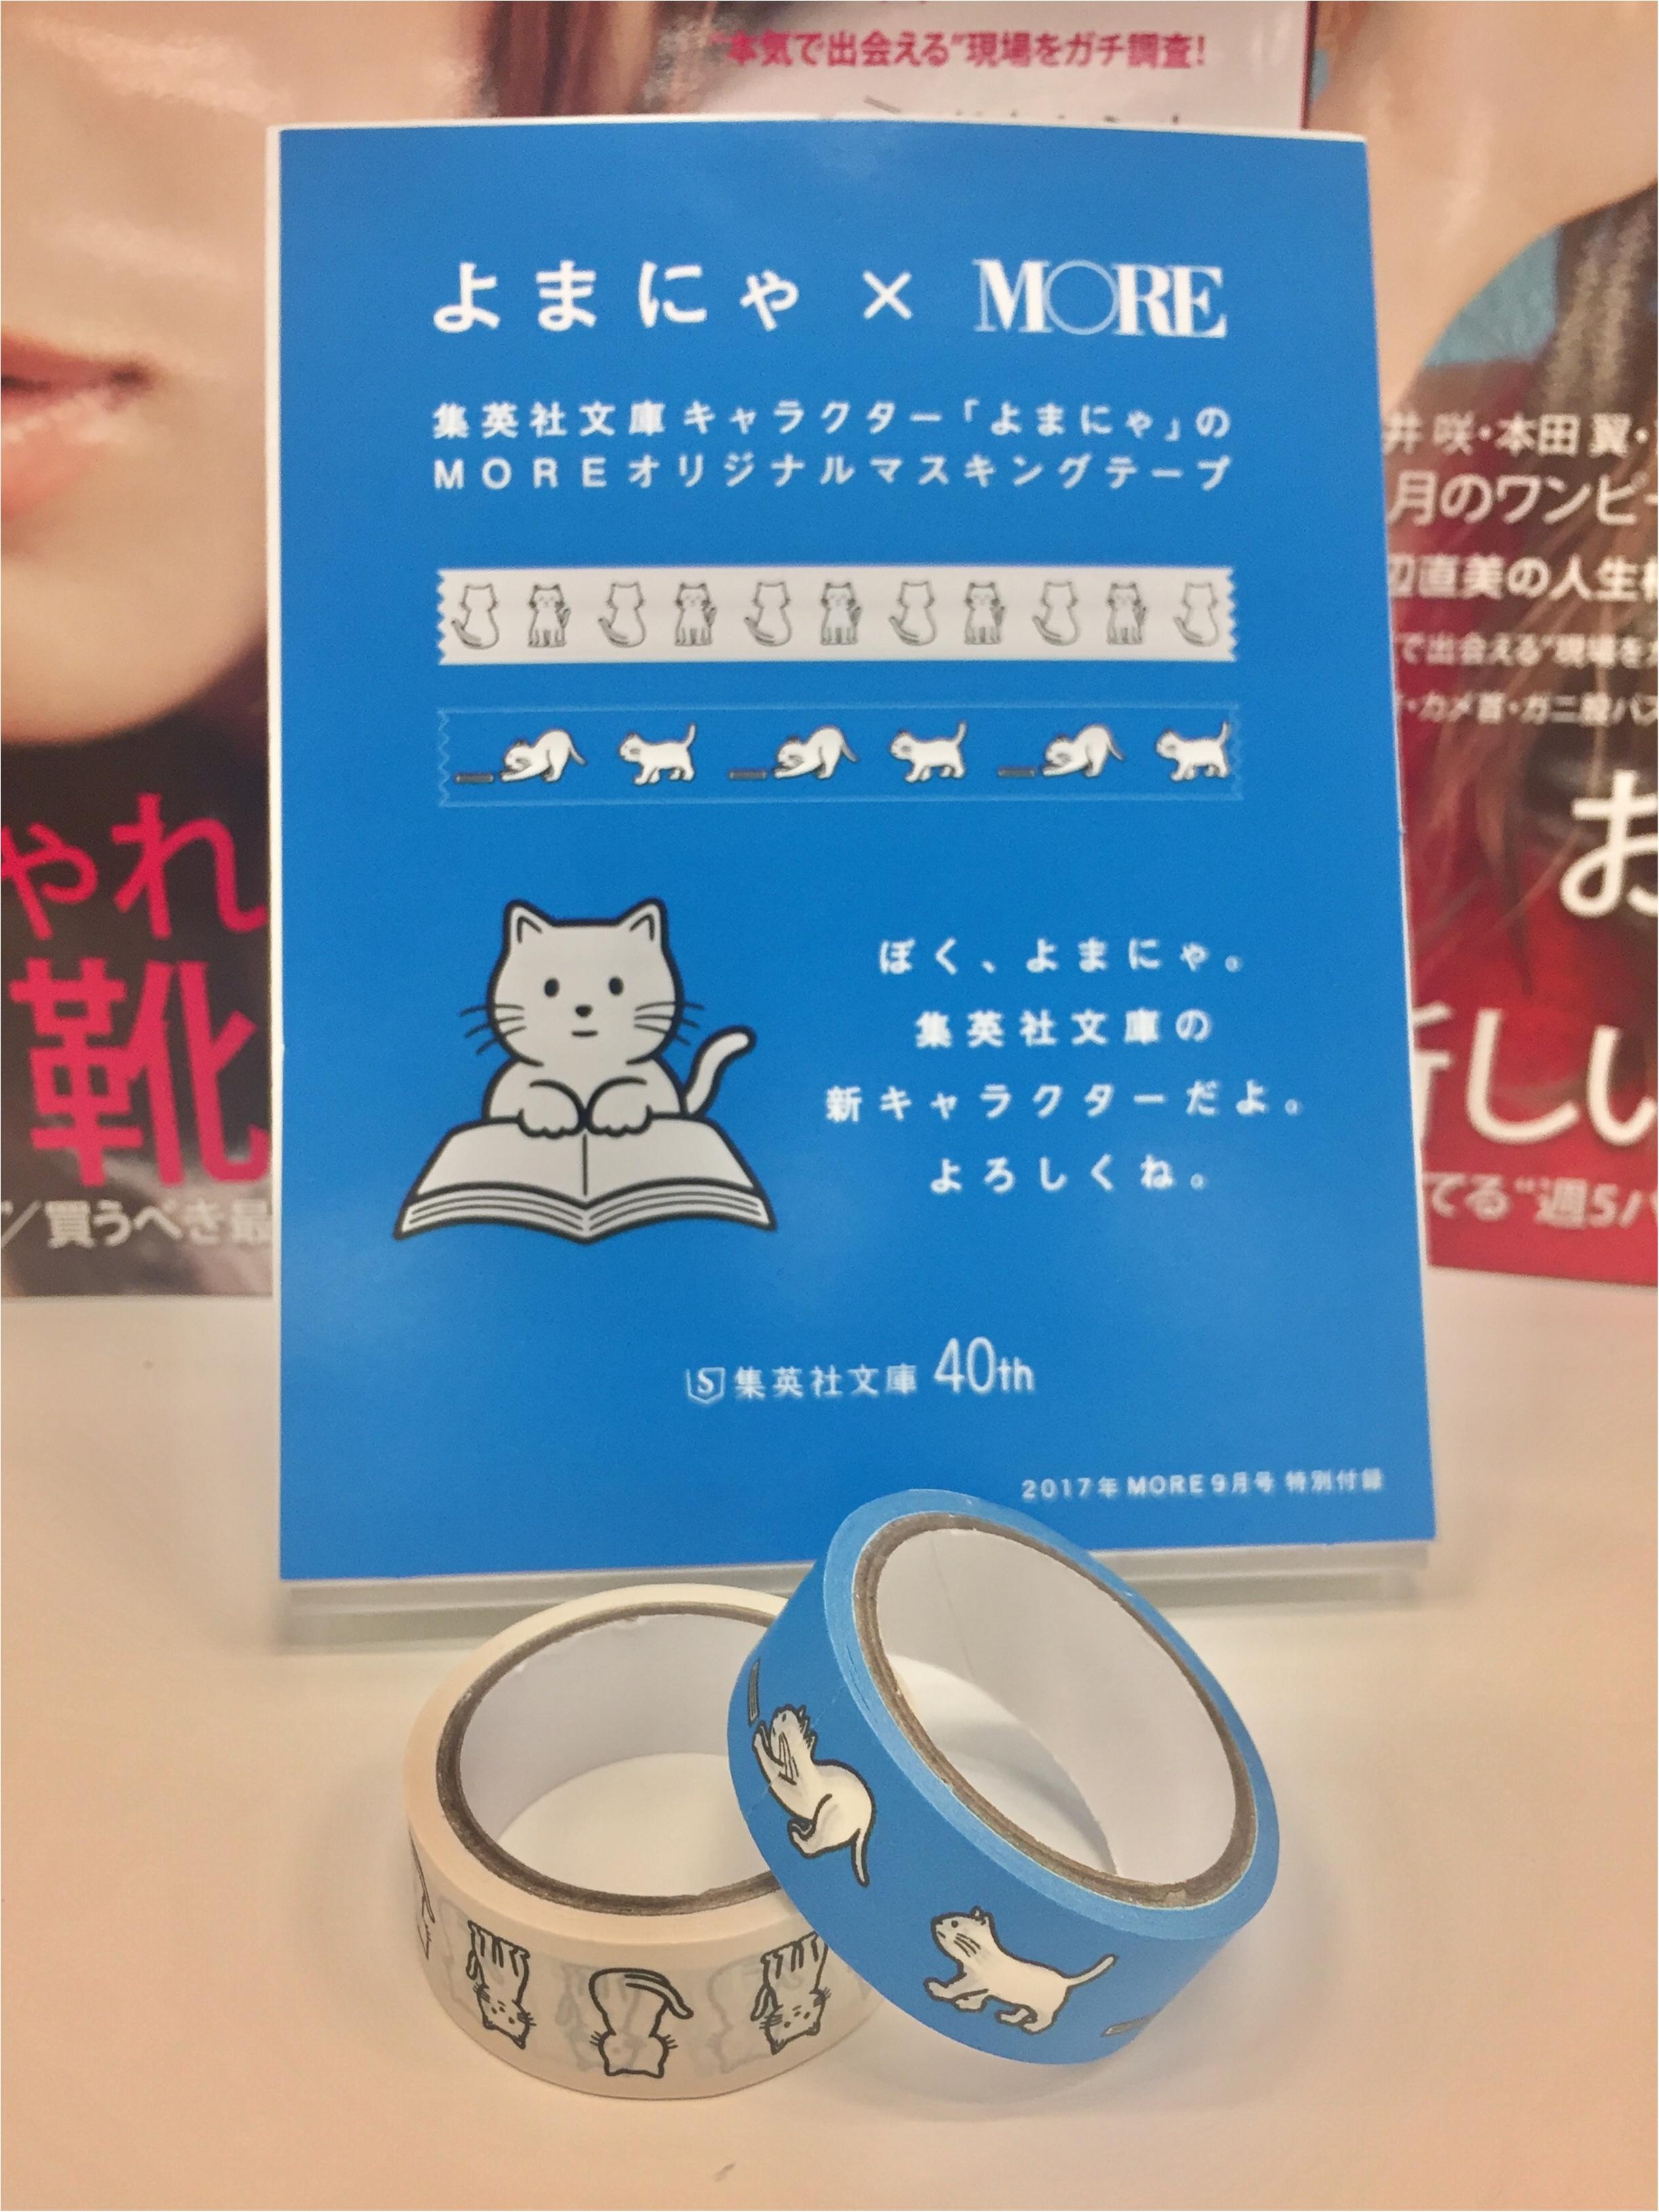 1000円の大ヒット商品がベース。今月号付録のフットカバーは、お値段以上の逸品!_5